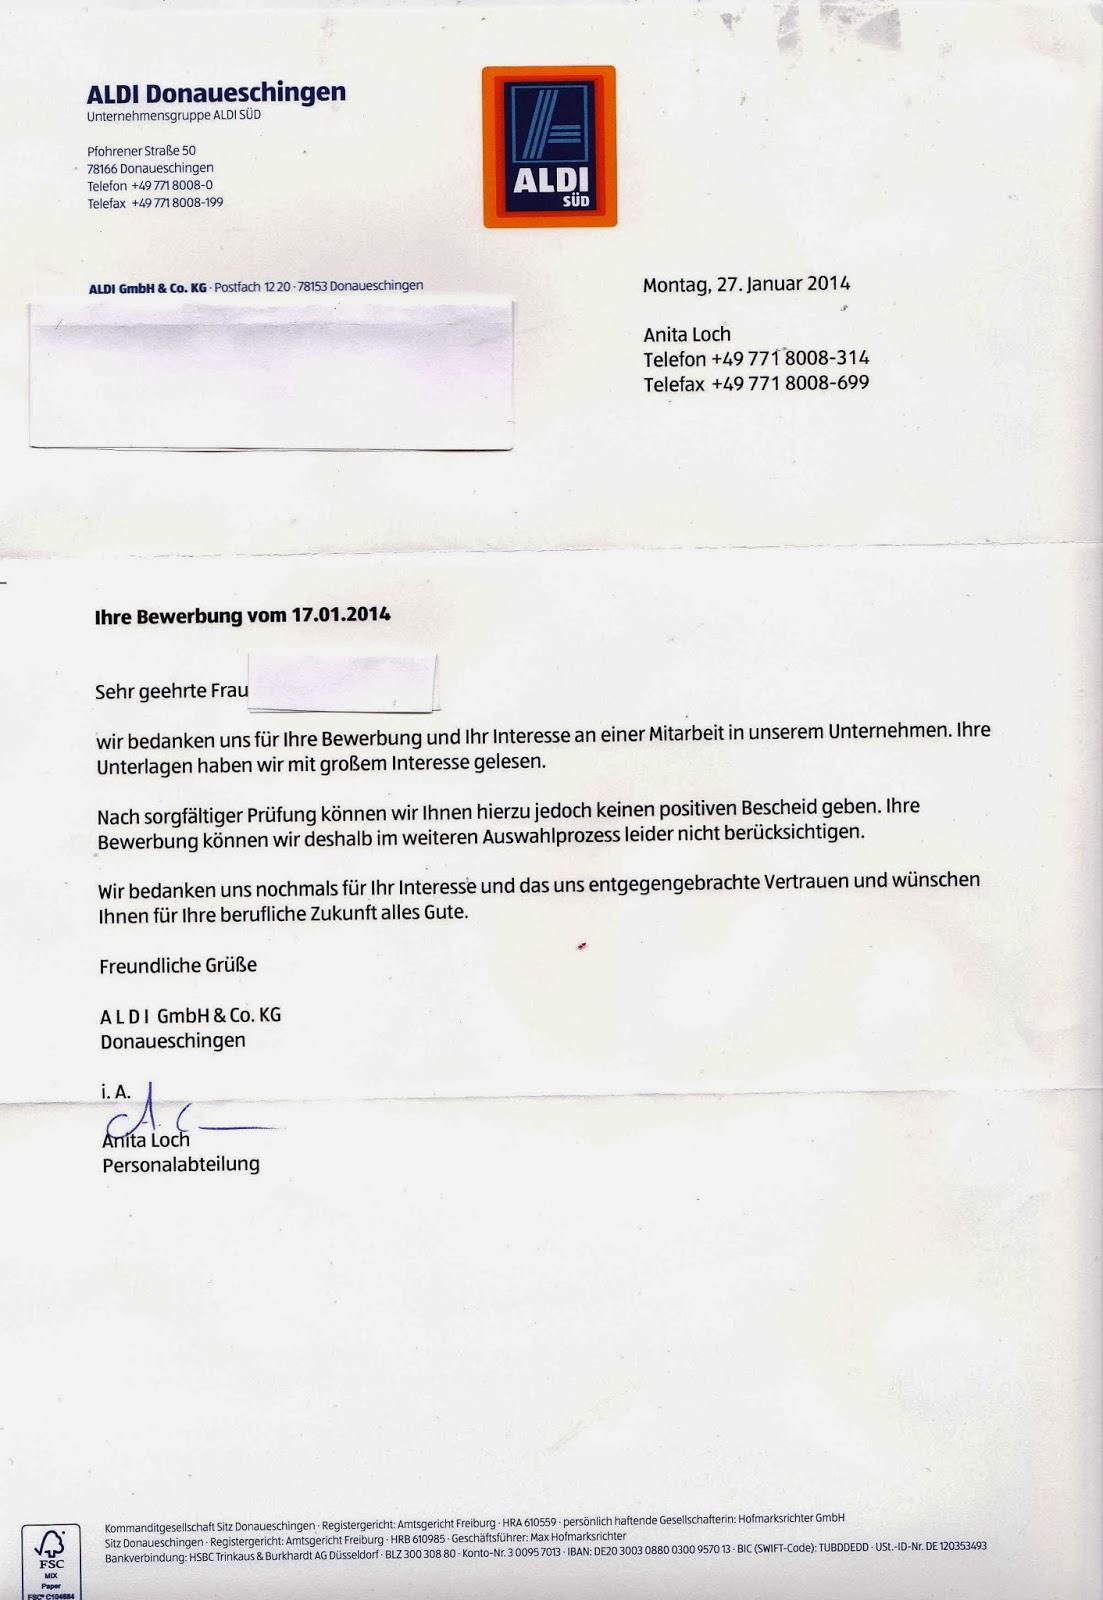 bewerbung niederlassungsleiter berufseinsteiger bewerbungsabsage - Aldi Bewerbung